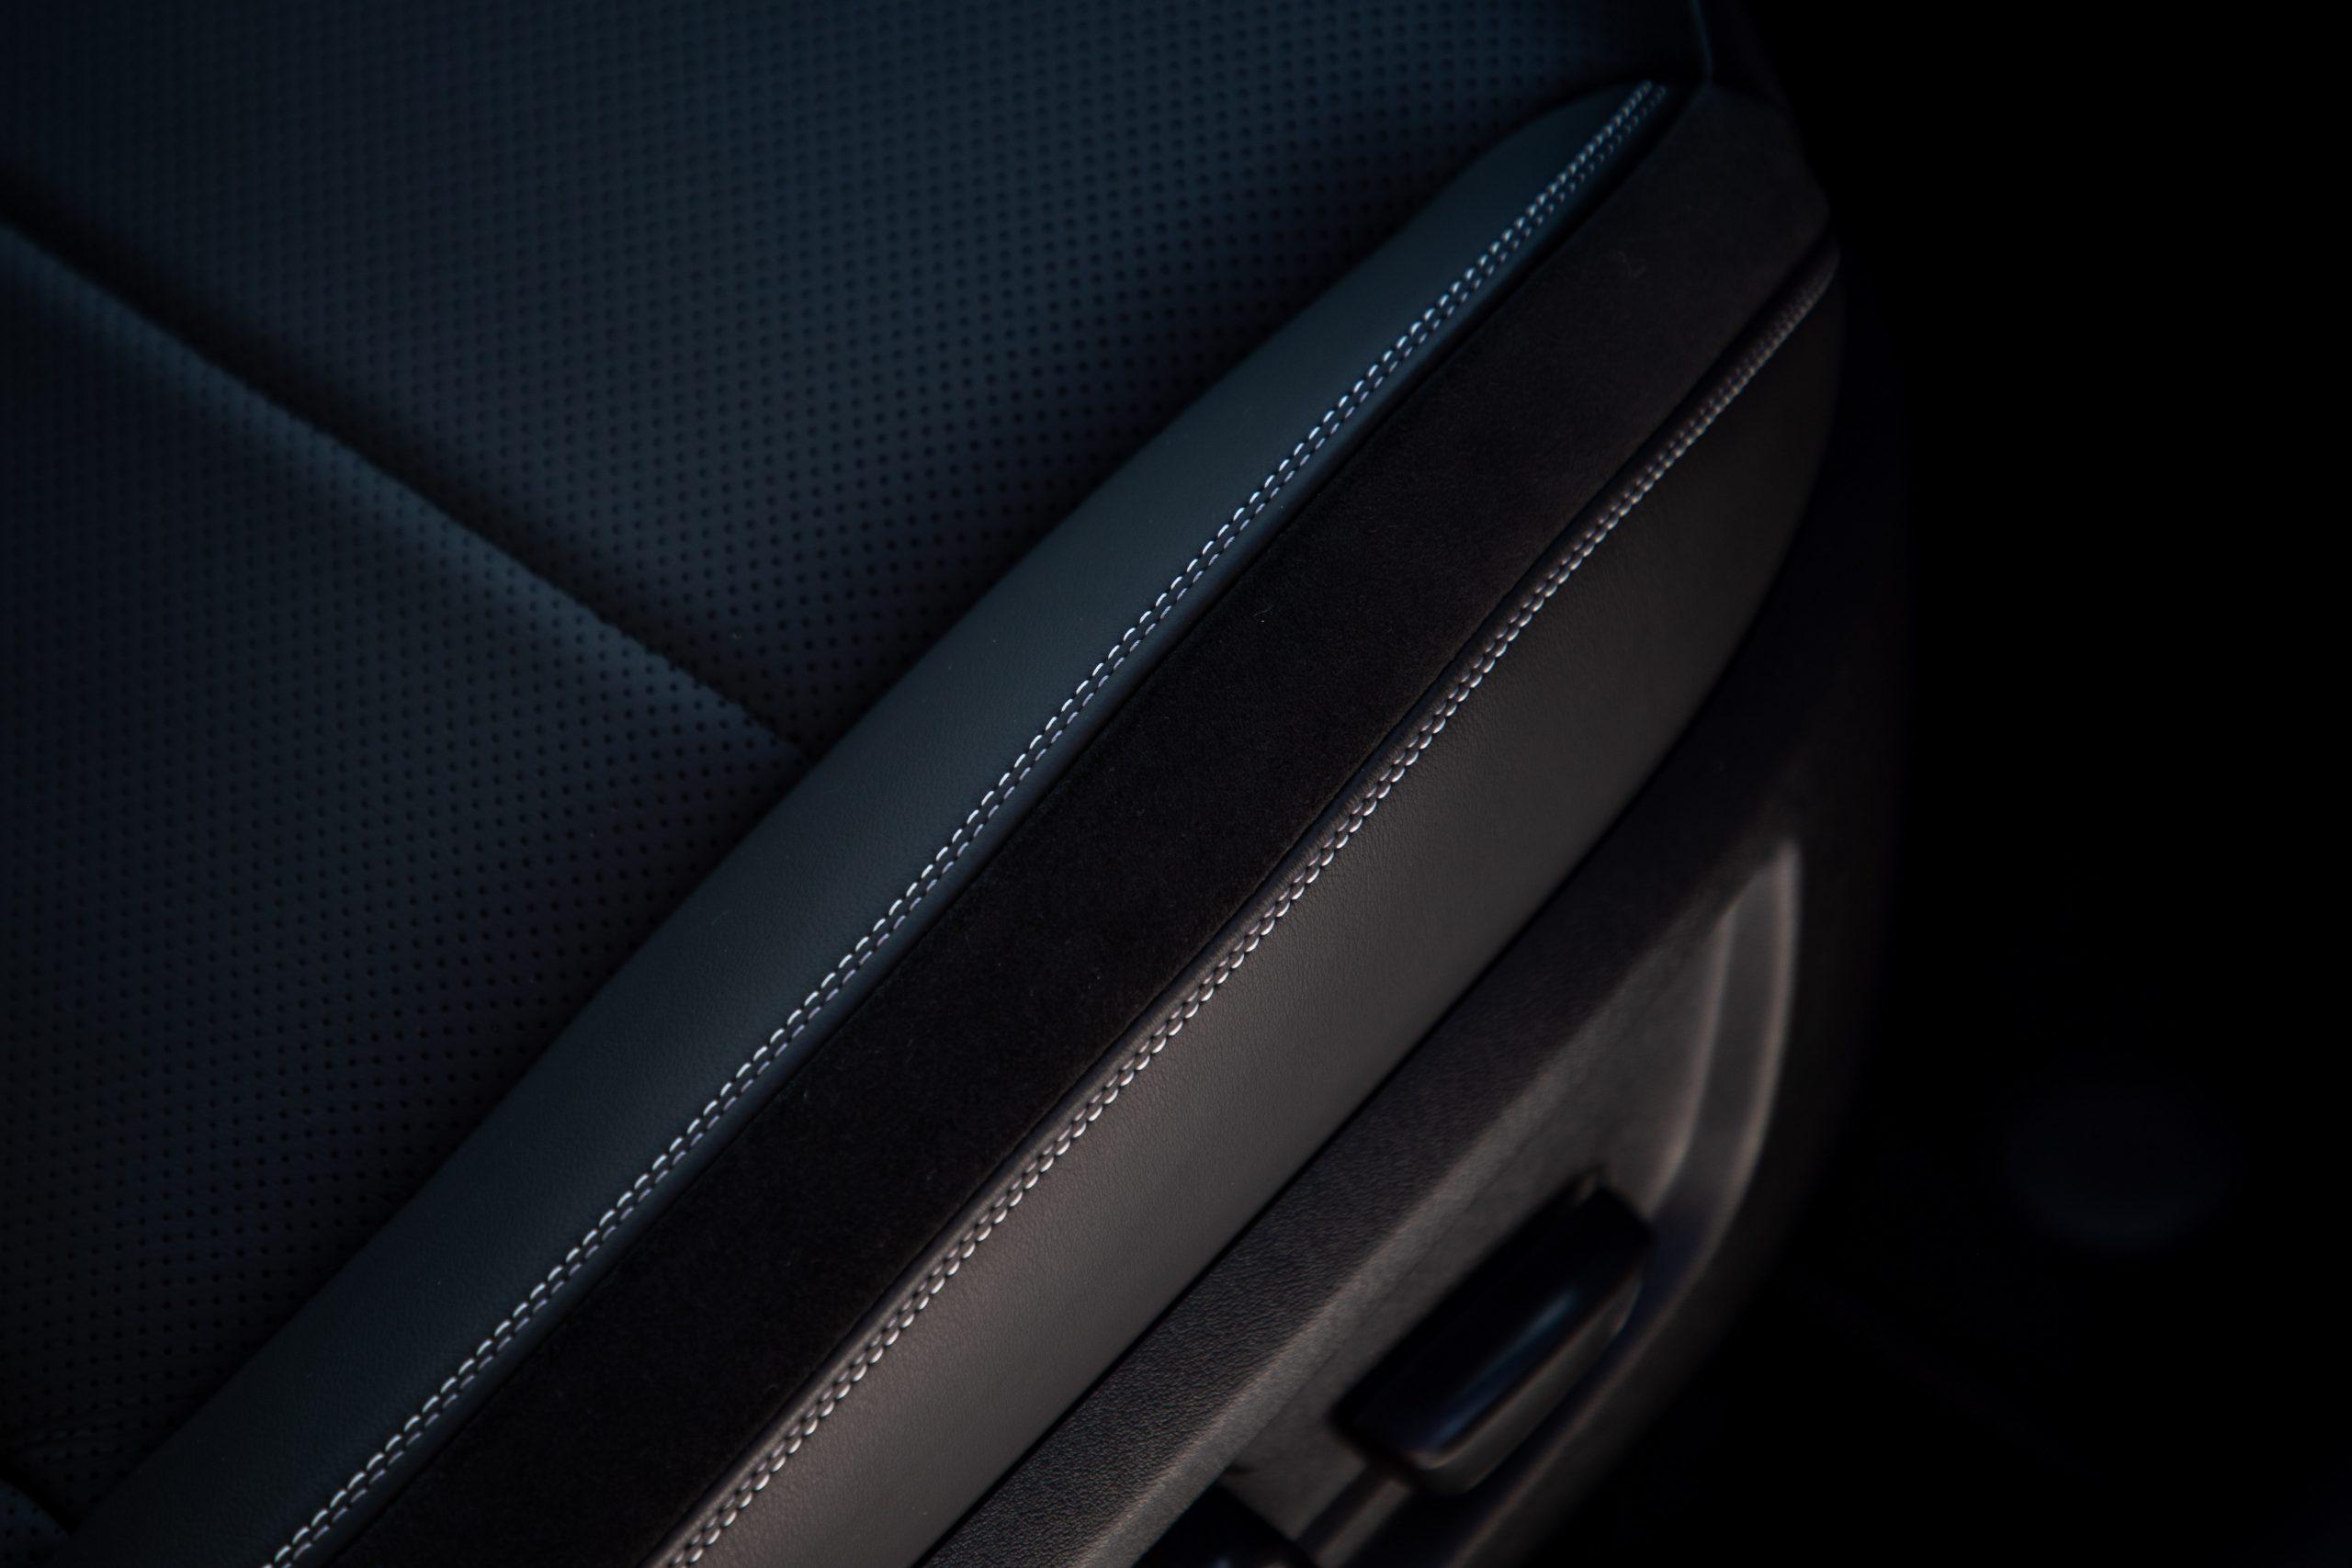 2022 Infiniti QX55 seat detail interior